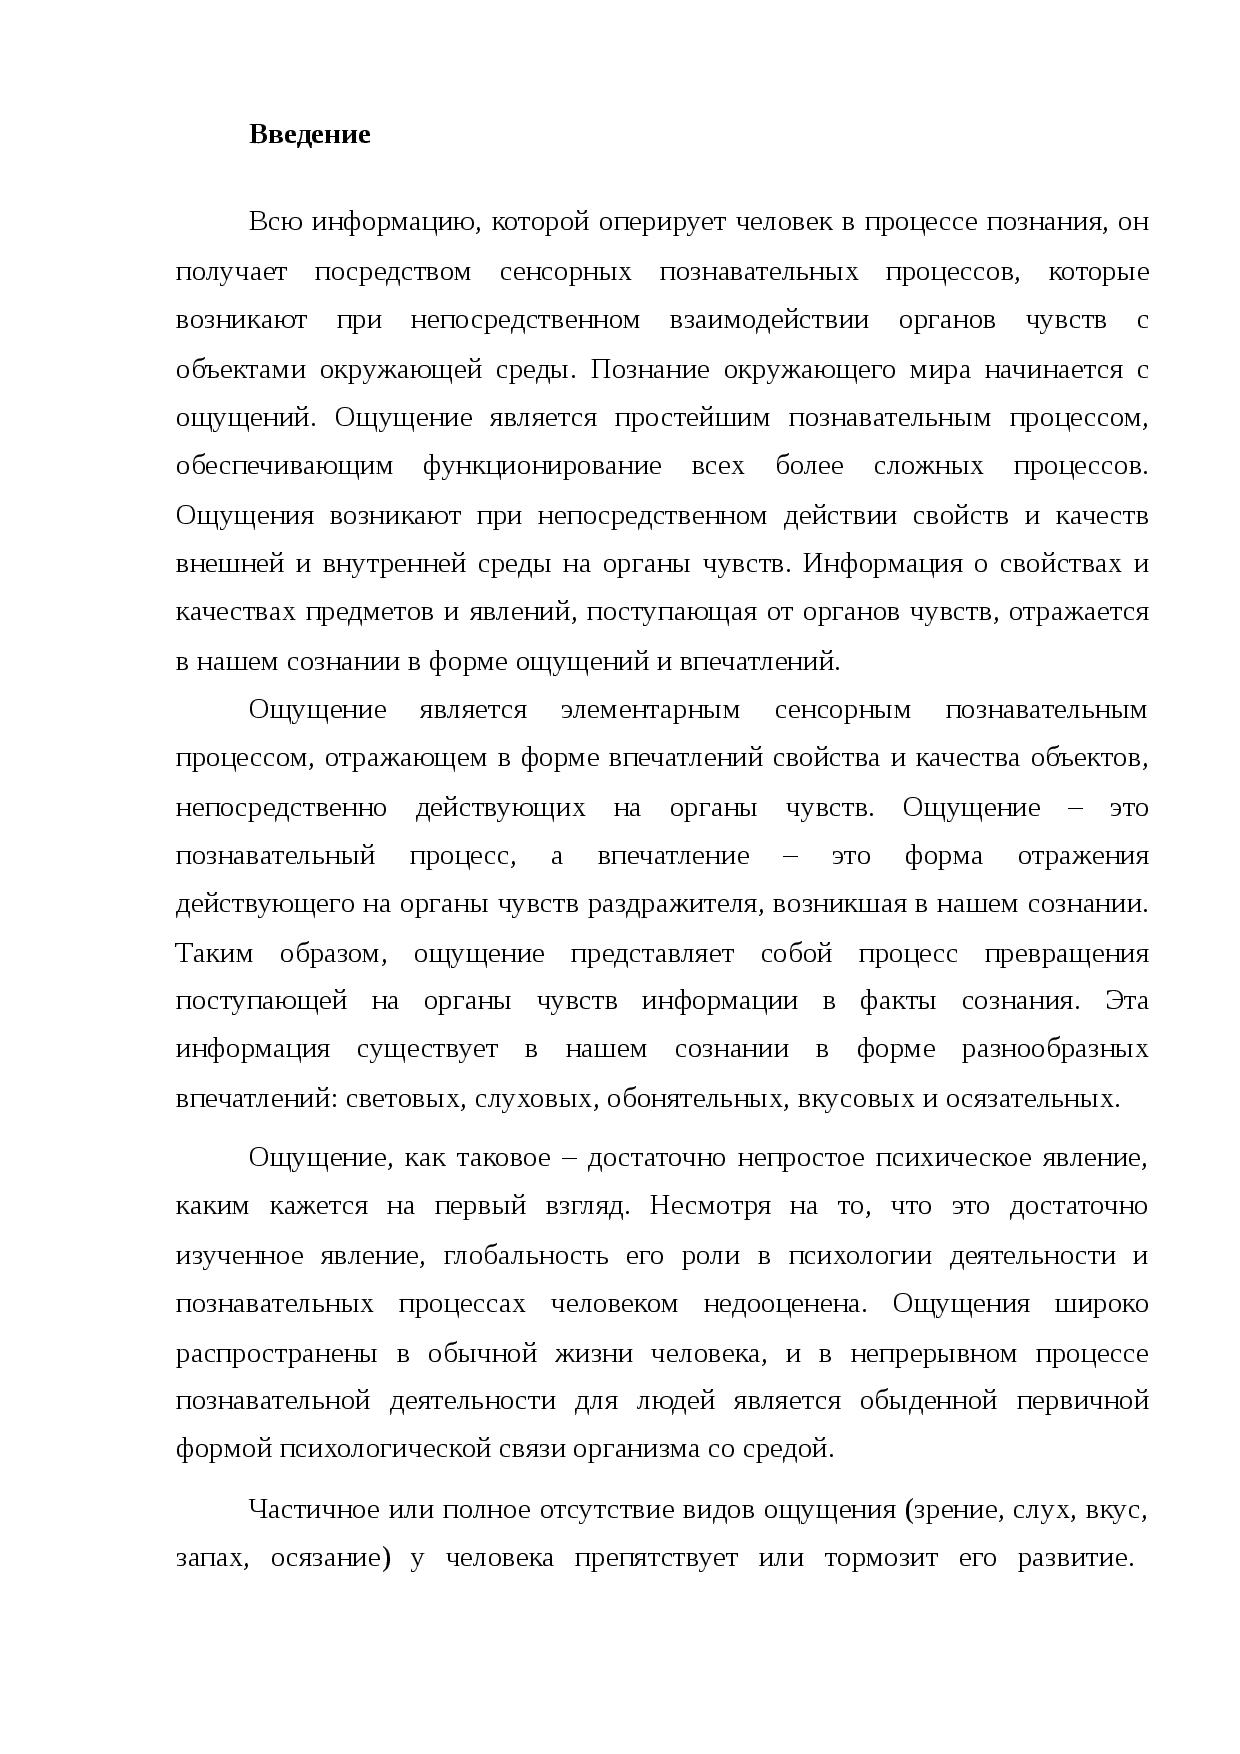 Понятие ощущения в современной психологии